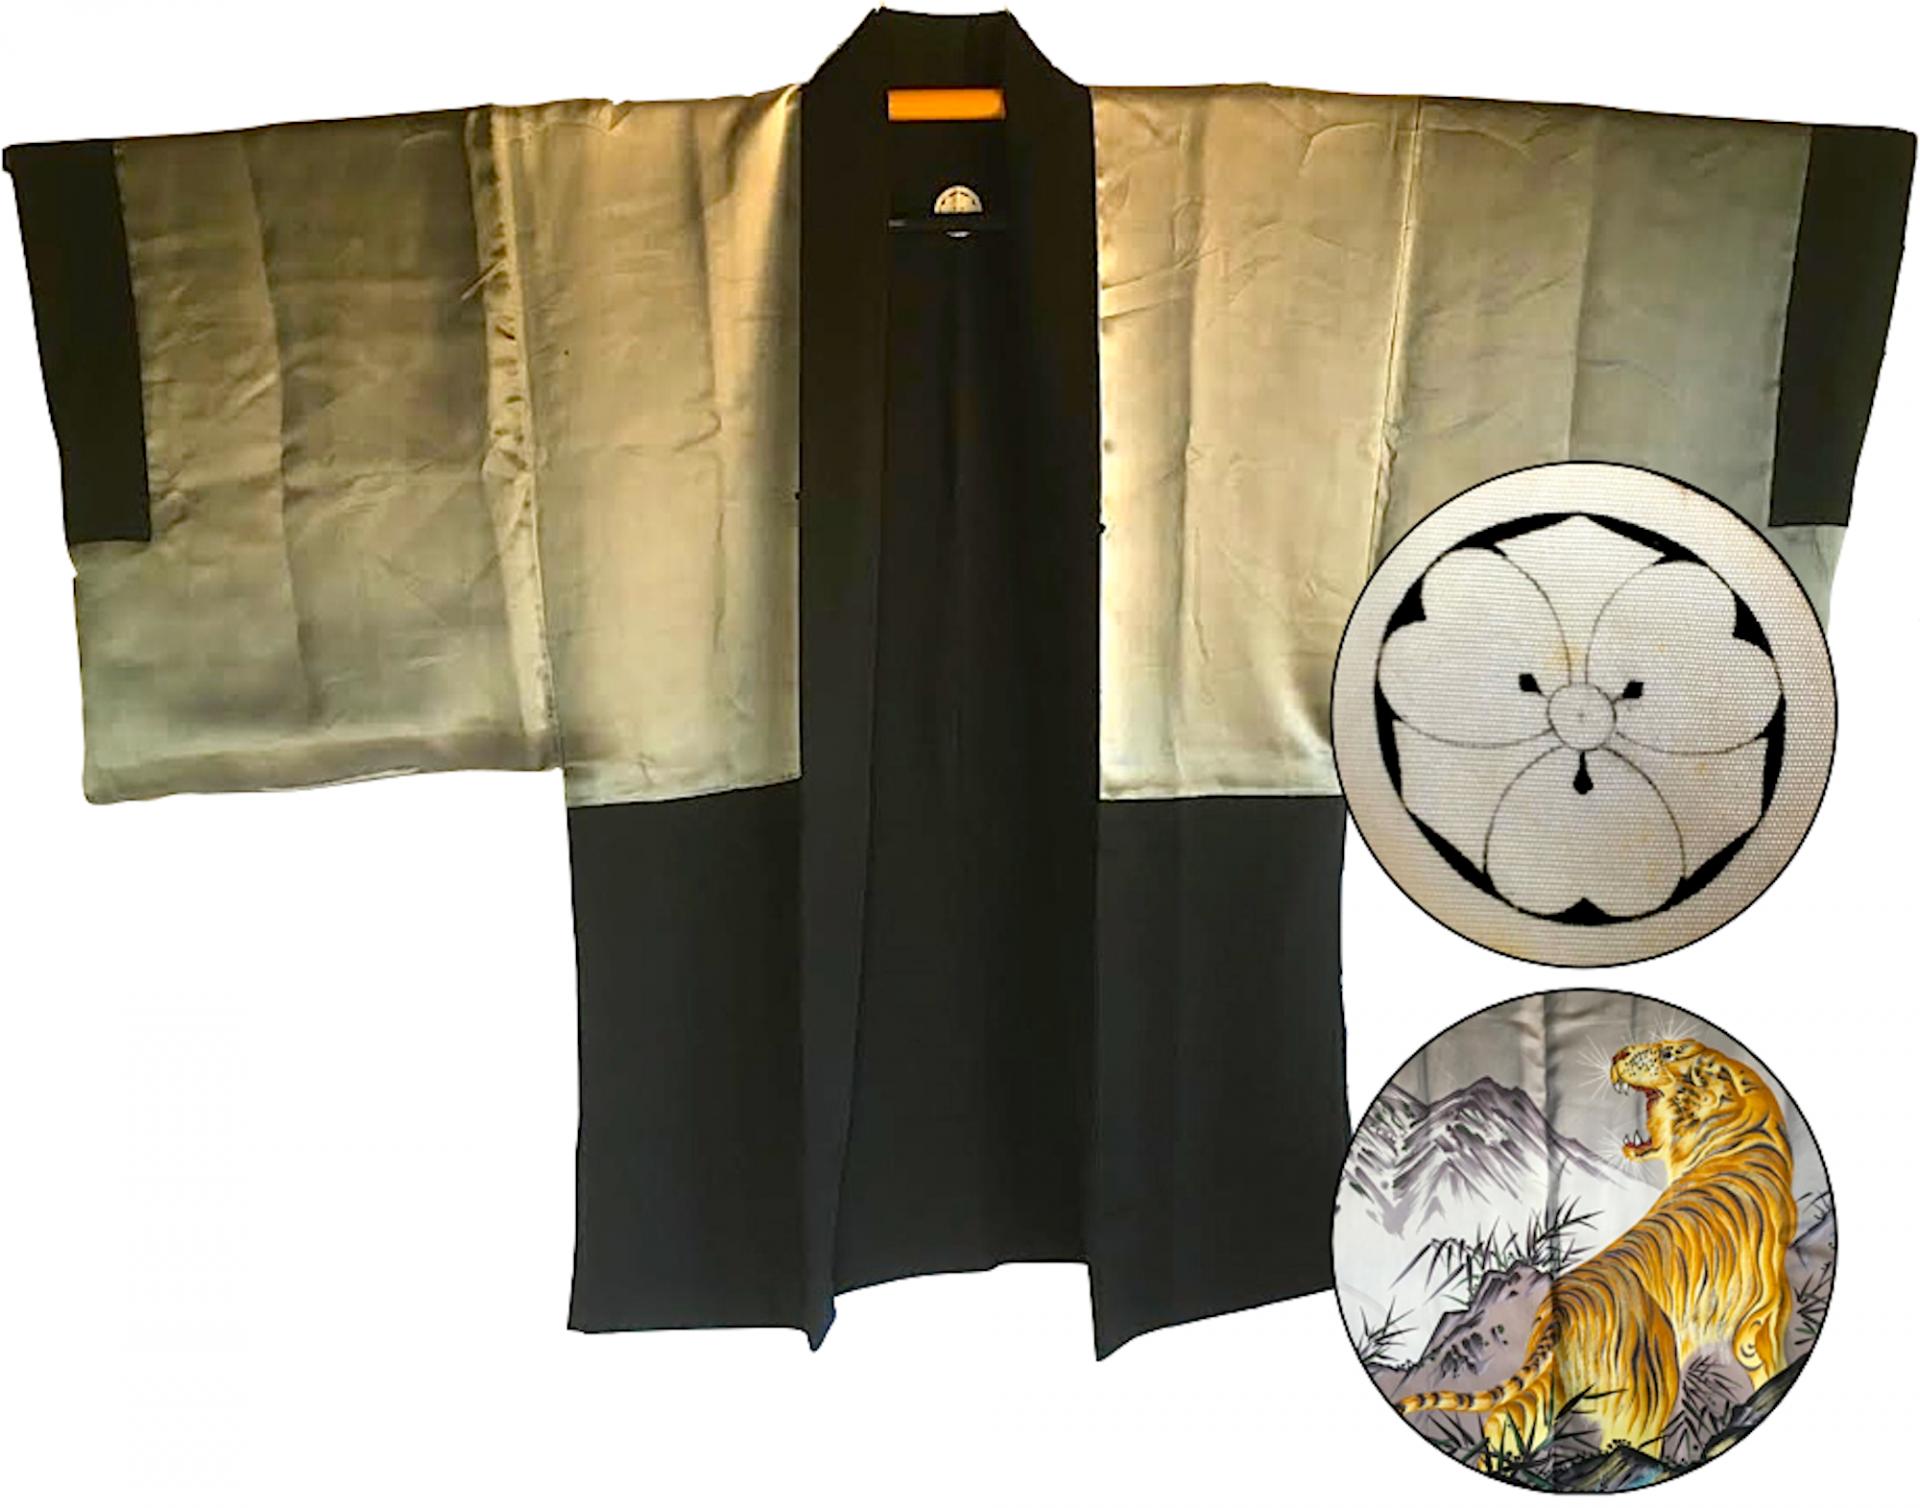 Antique kimono haori japonais samourai soie noire kenkatabami montsuki tora le tigre 2